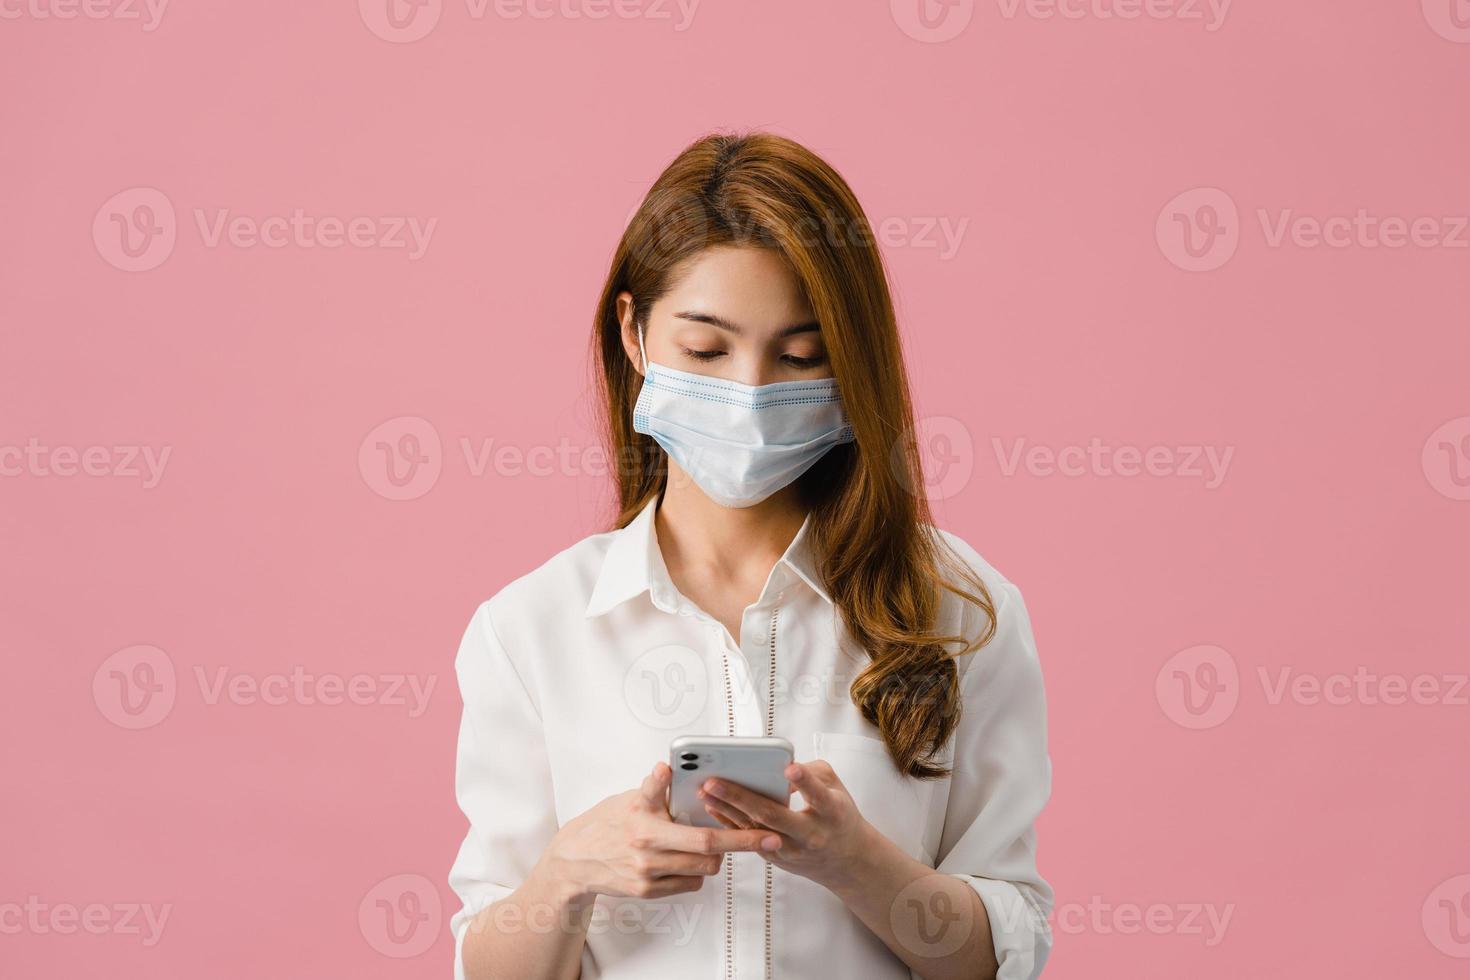 jong Azië meisje met medisch gezichtsmasker met behulp van mobiele telefoon met gekleed in casual kleding geïsoleerd op roze achtergrond. zelfisolatie, sociale afstand, quarantaine voor preventie van het coronavirus. foto